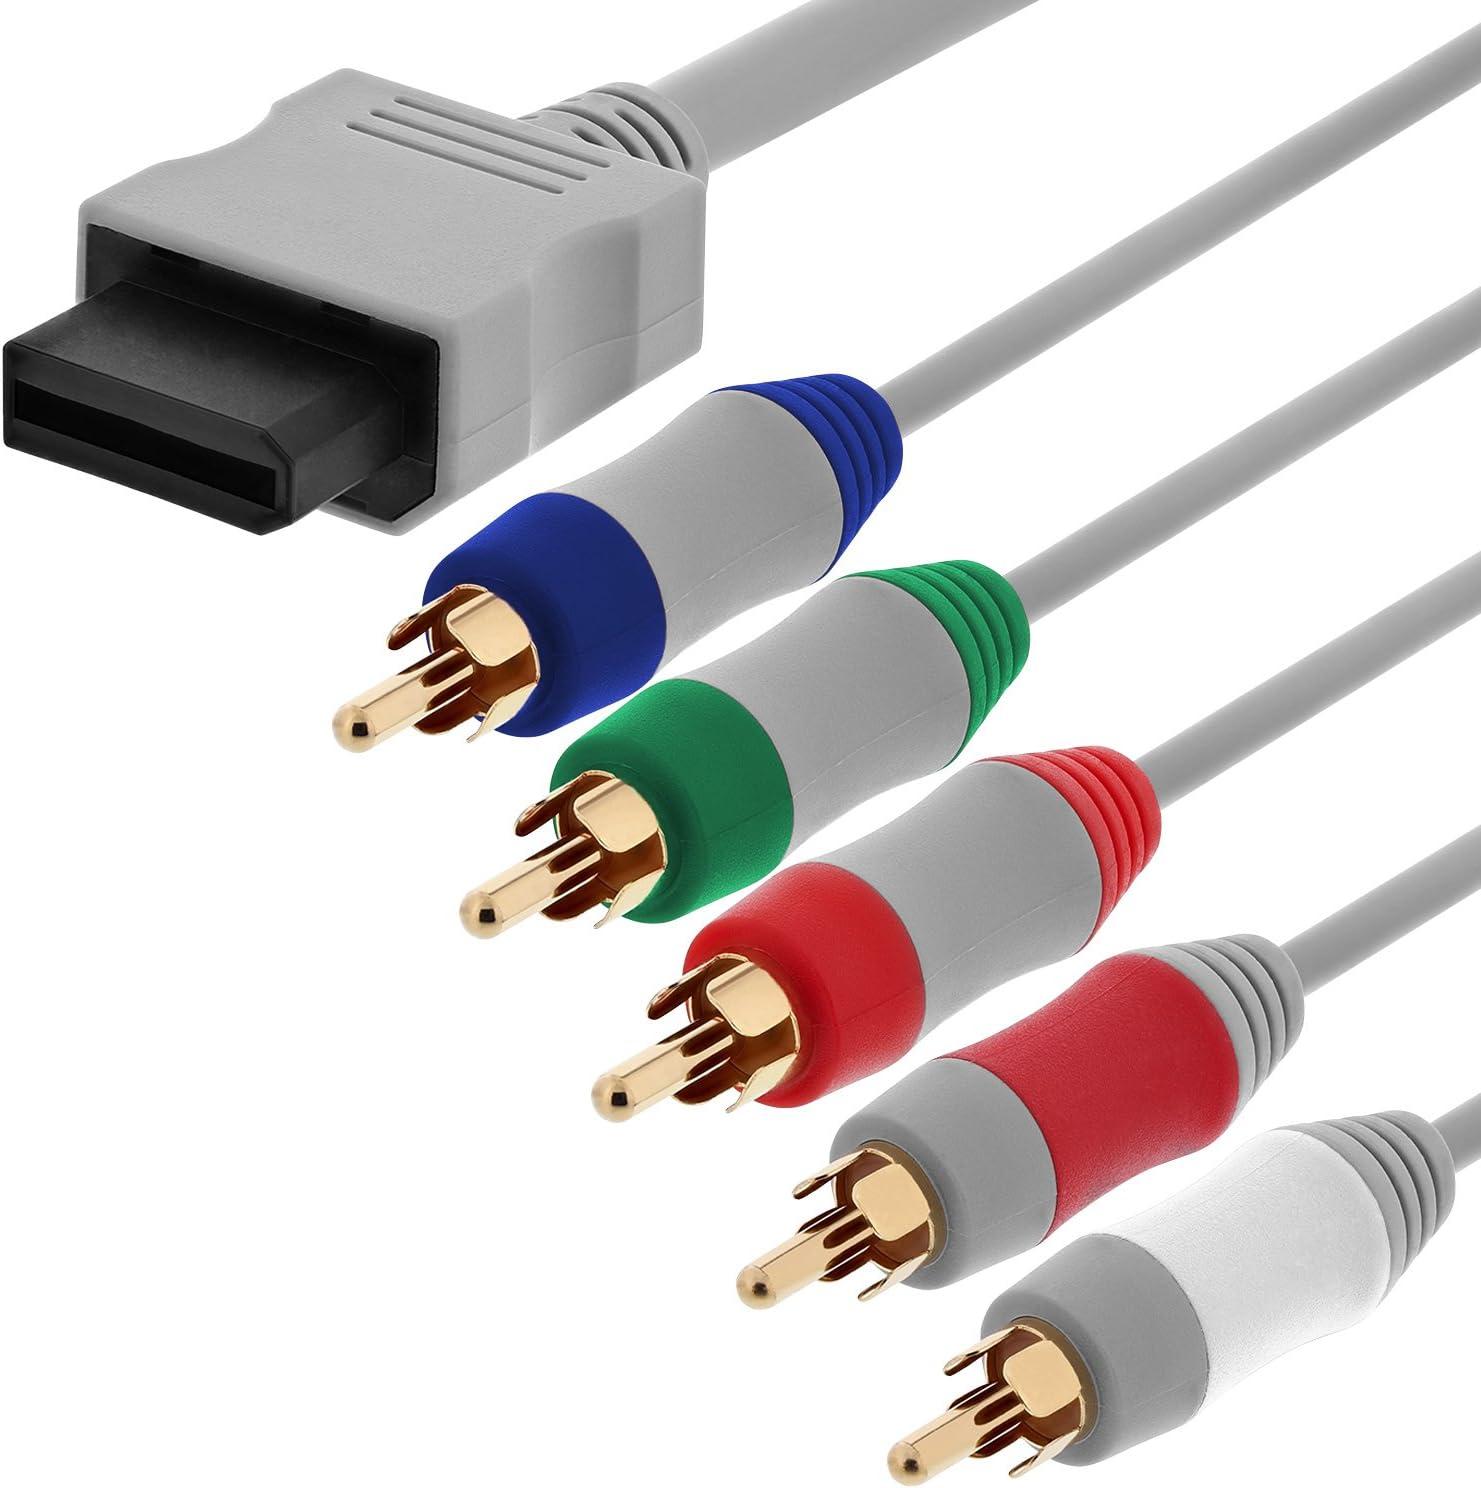 Fosmon Nintendo Wii/Wii U Reemplazo de componentes de Salida de Alta definición AV Cable Cable de HDTV/EDTV (480p de Alta definición) para Nintendo Wii & Wii U - 1.8M